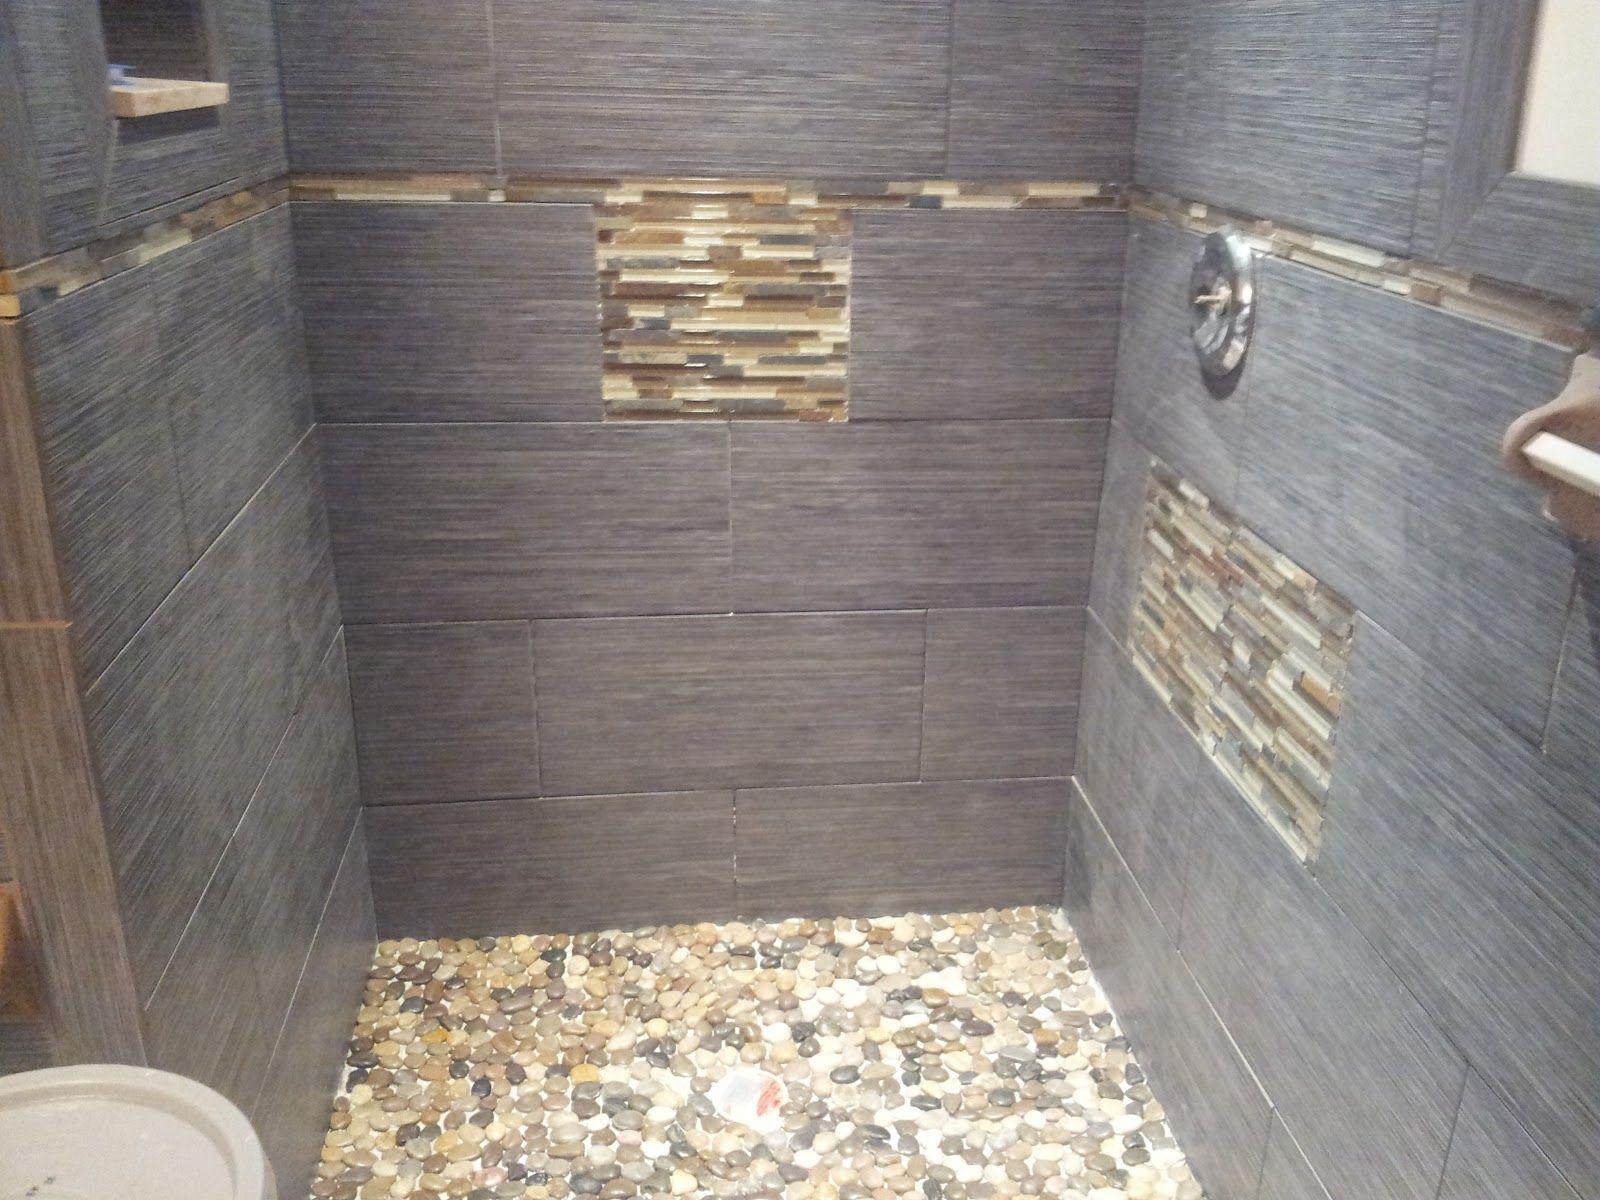 Tile For Shower Floor gray wood tile floors glass tile river stone and porcelain tile shower installed in Gray Wood Tile Floors Glass Tile River Stone And Porcelain Tile Shower Installed In